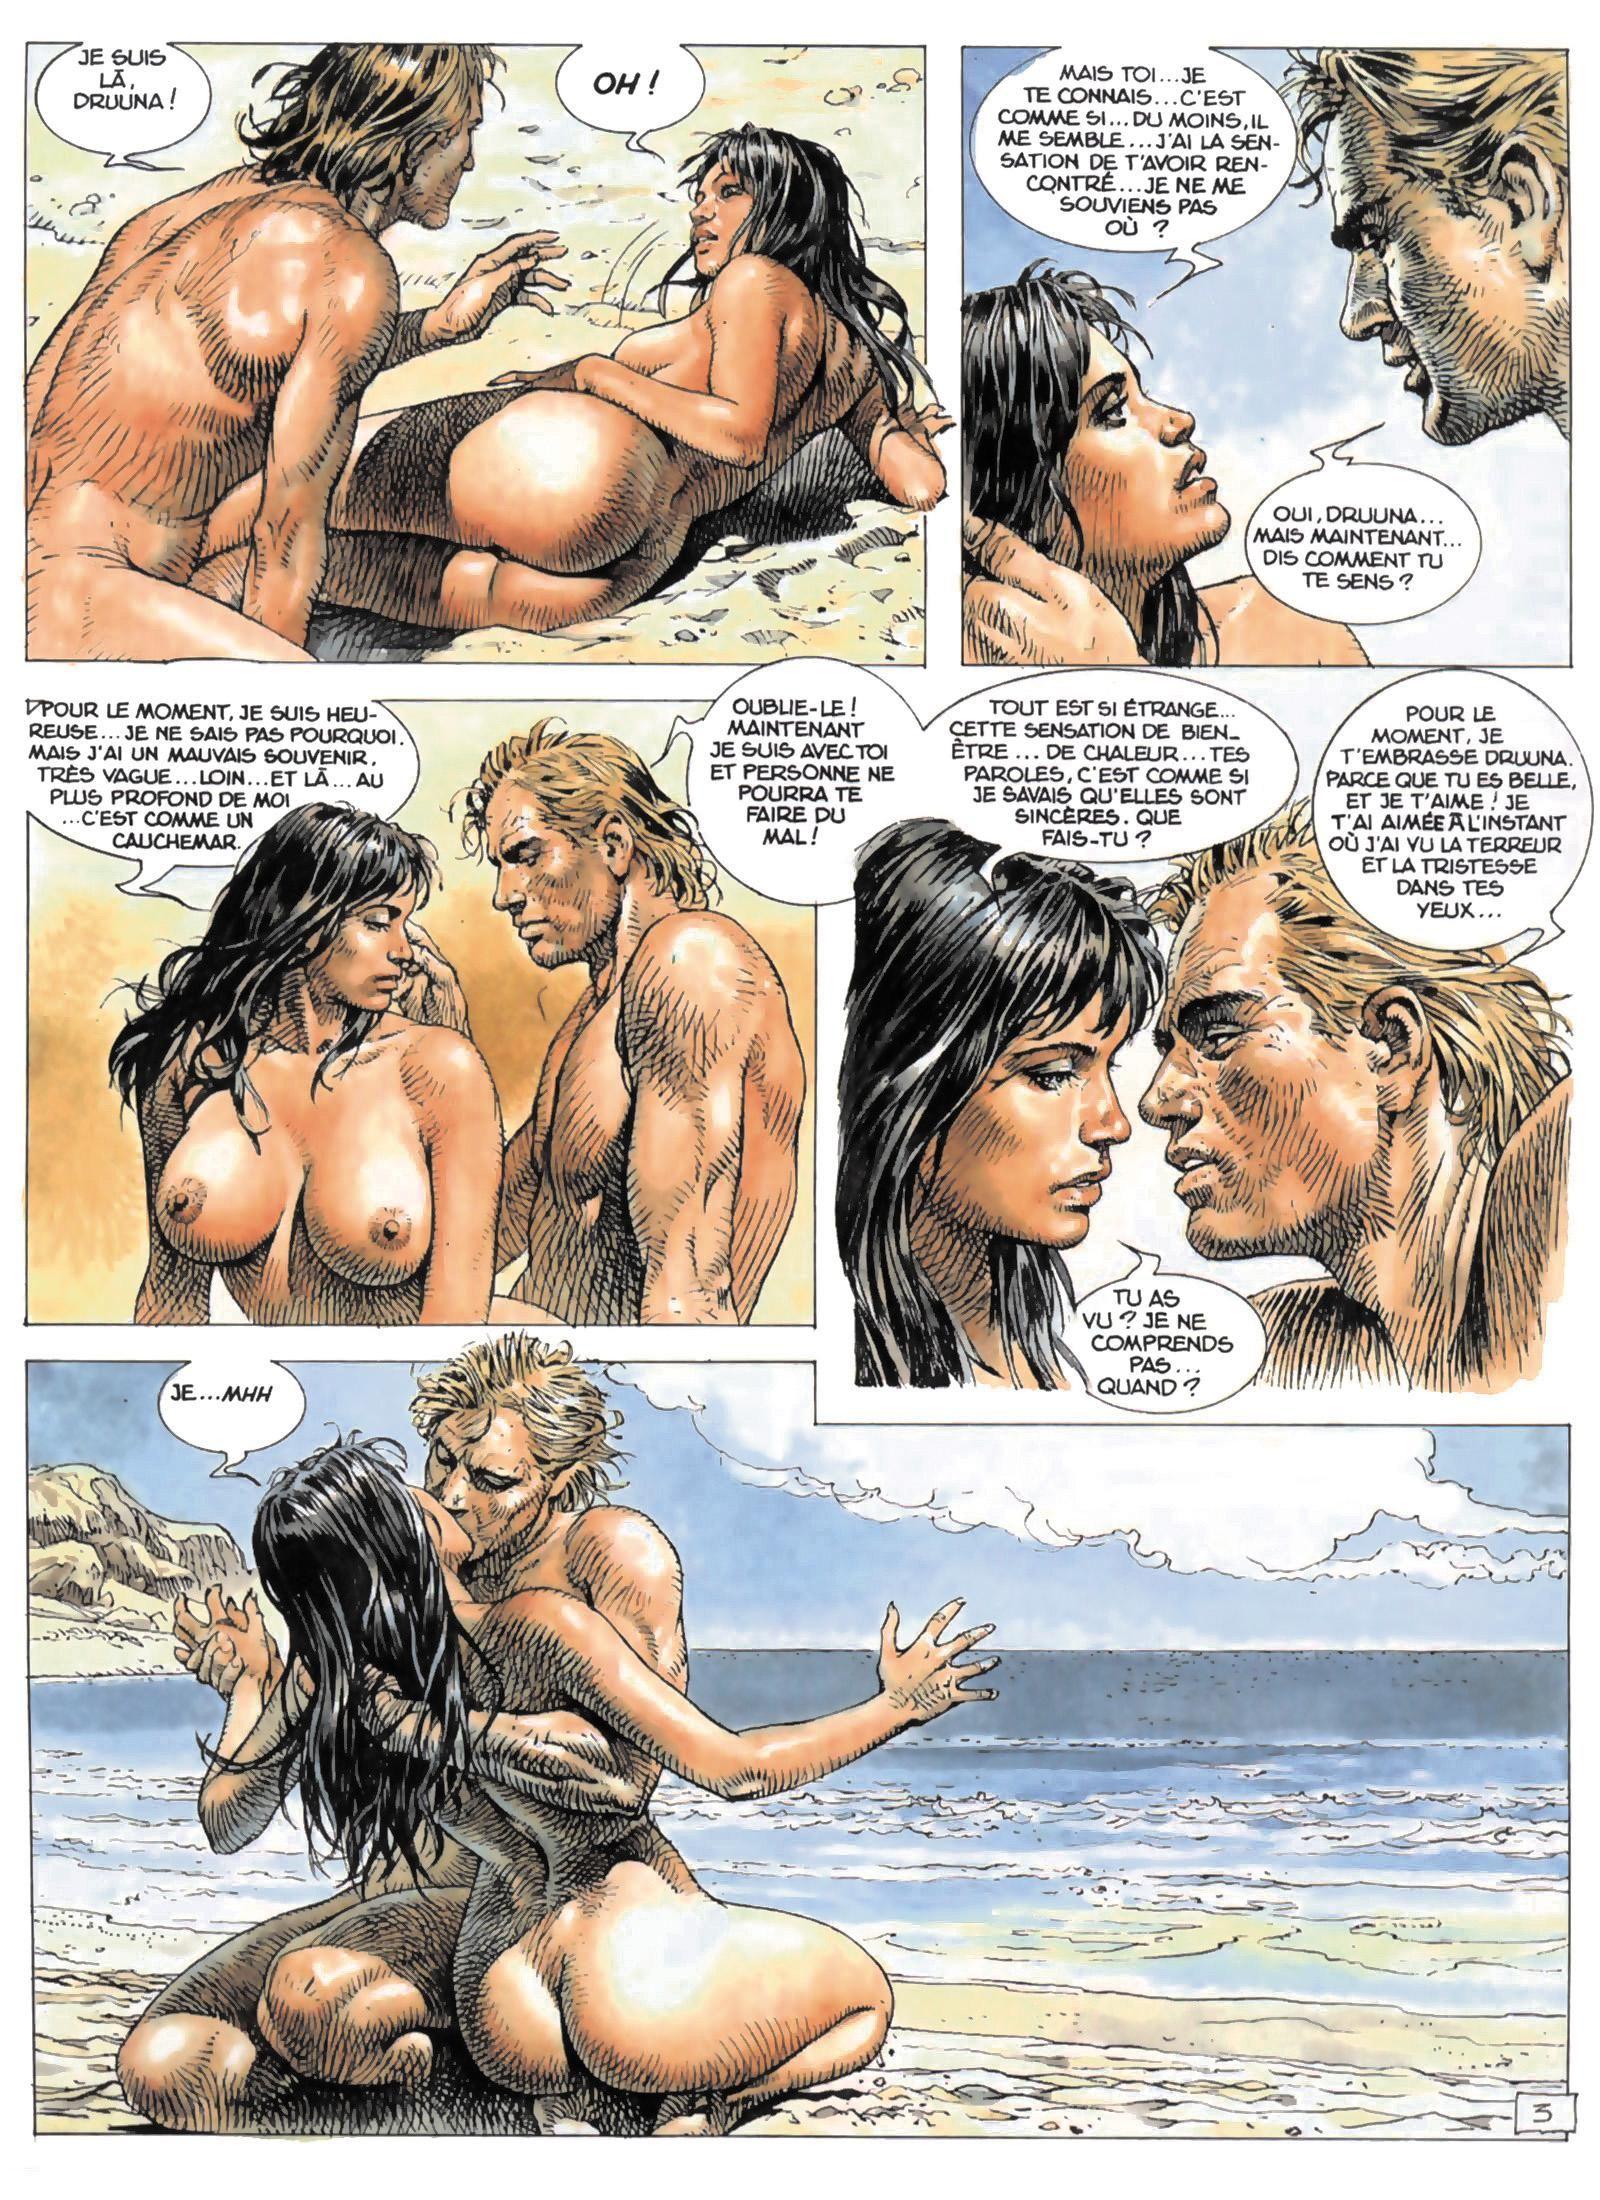 cartoon porn page